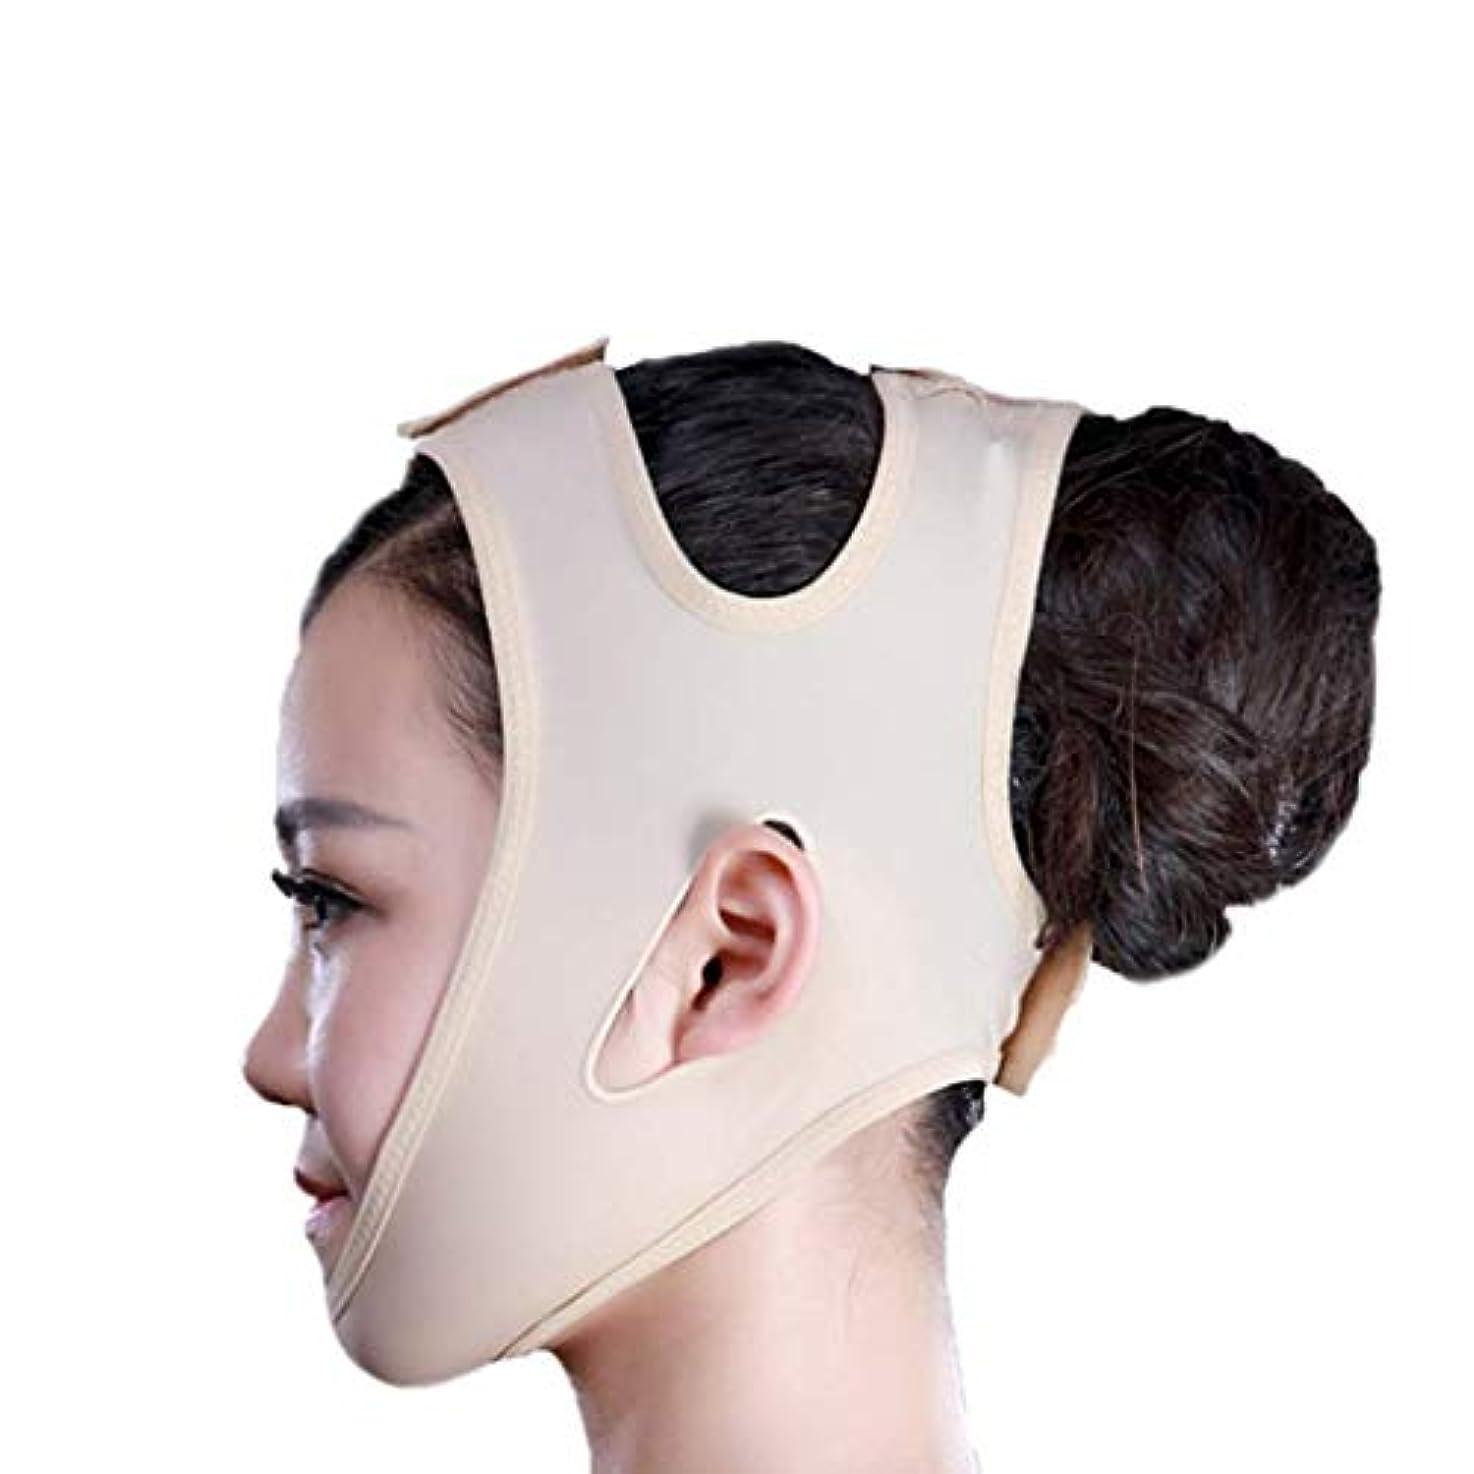 時折フラップモトリーフェイススリミングマスク、快適さと通気性、フェイシャルリフティング、輪郭の改善された硬さ、ファーミングとリフティングフェイス(カラー:ブラック、サイズ:XL),黄色がかったピンク、S